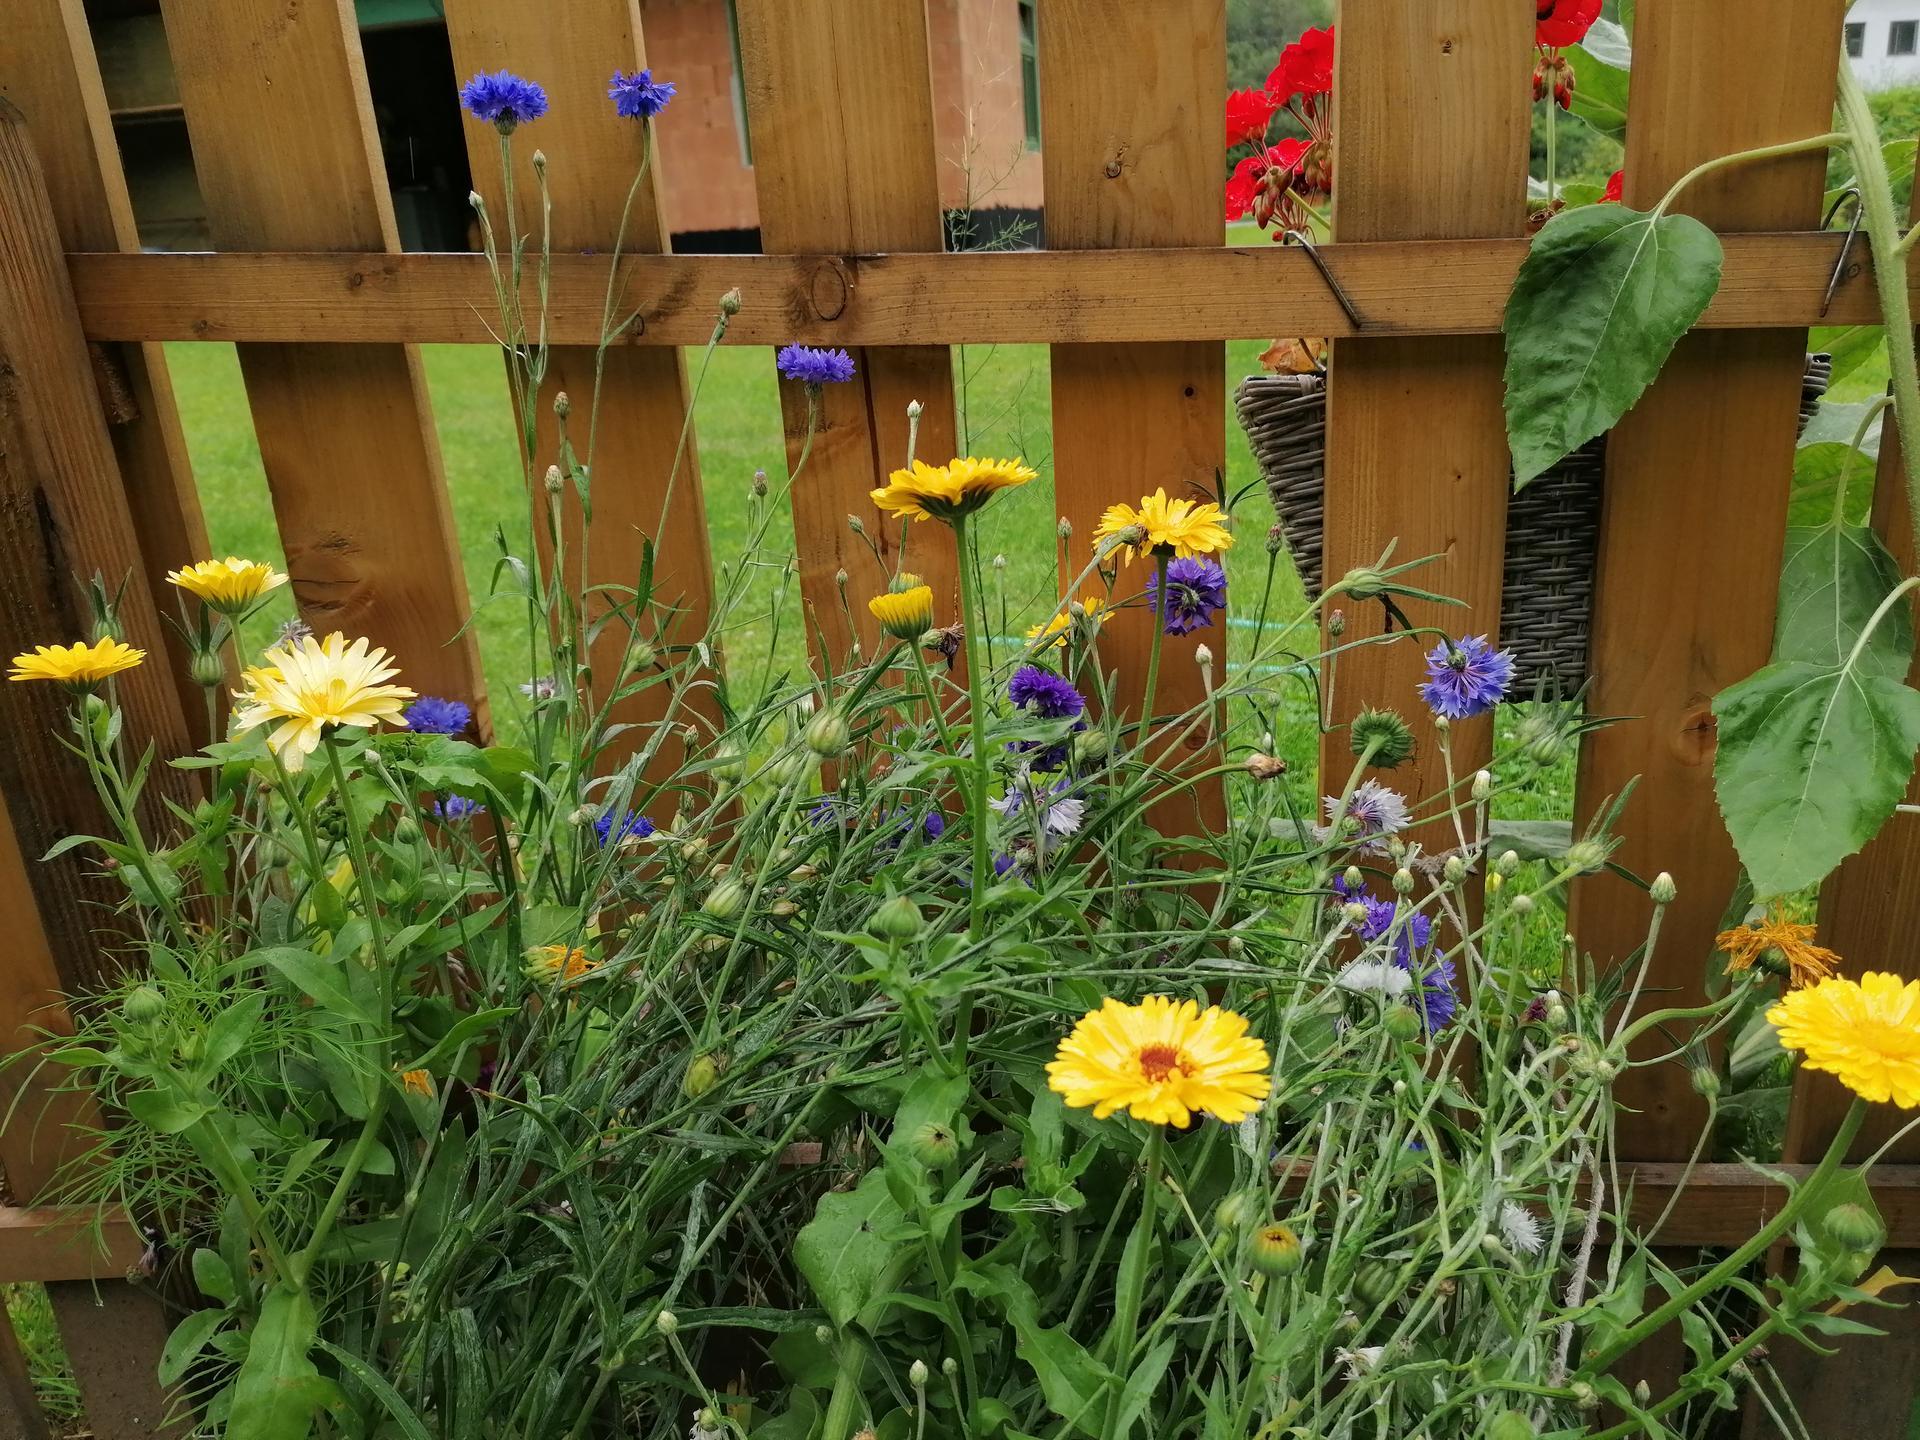 záhrada - Obrázok č. 175